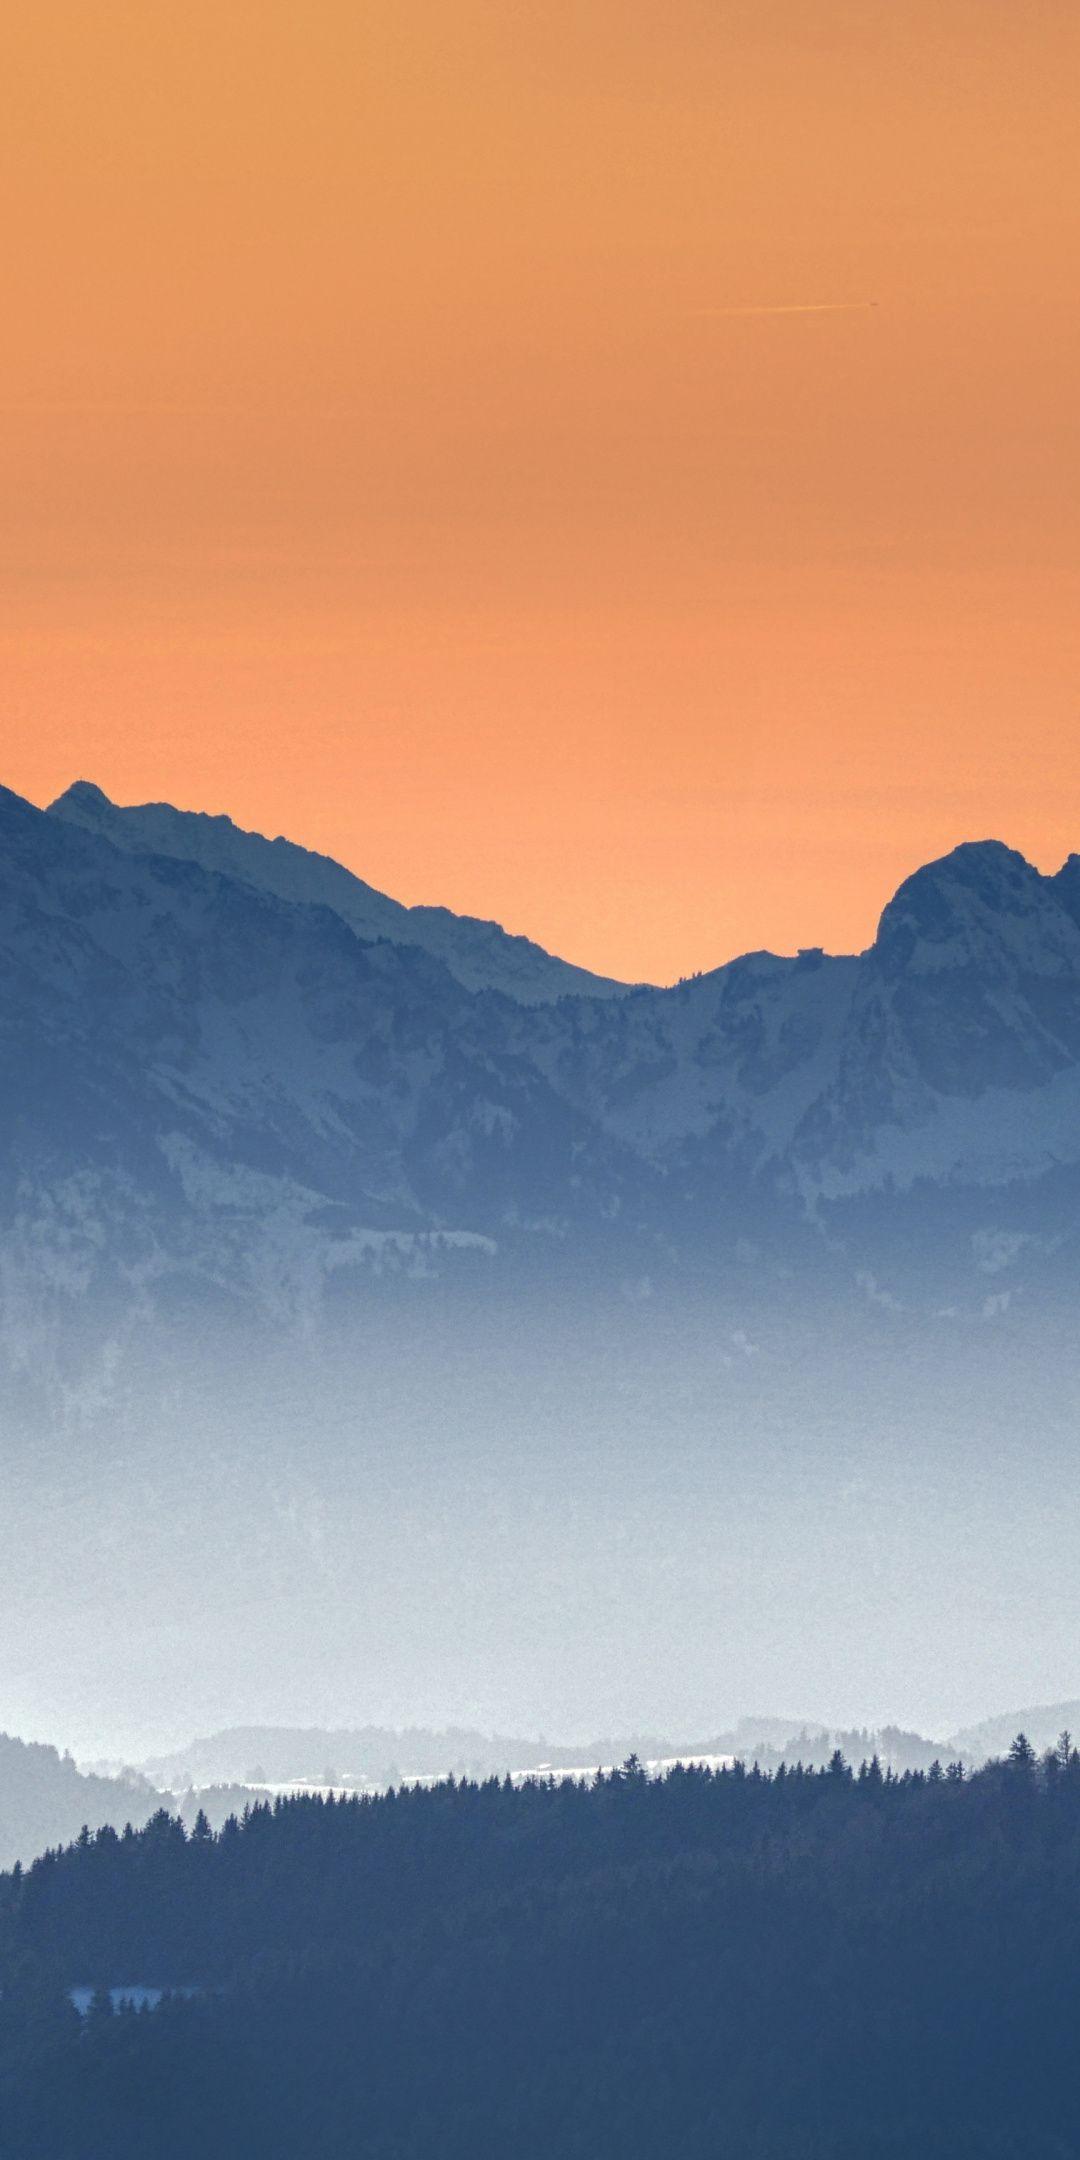 Sunset Mountains Haze Horizon Dusk 1080x2160 Wallpaper